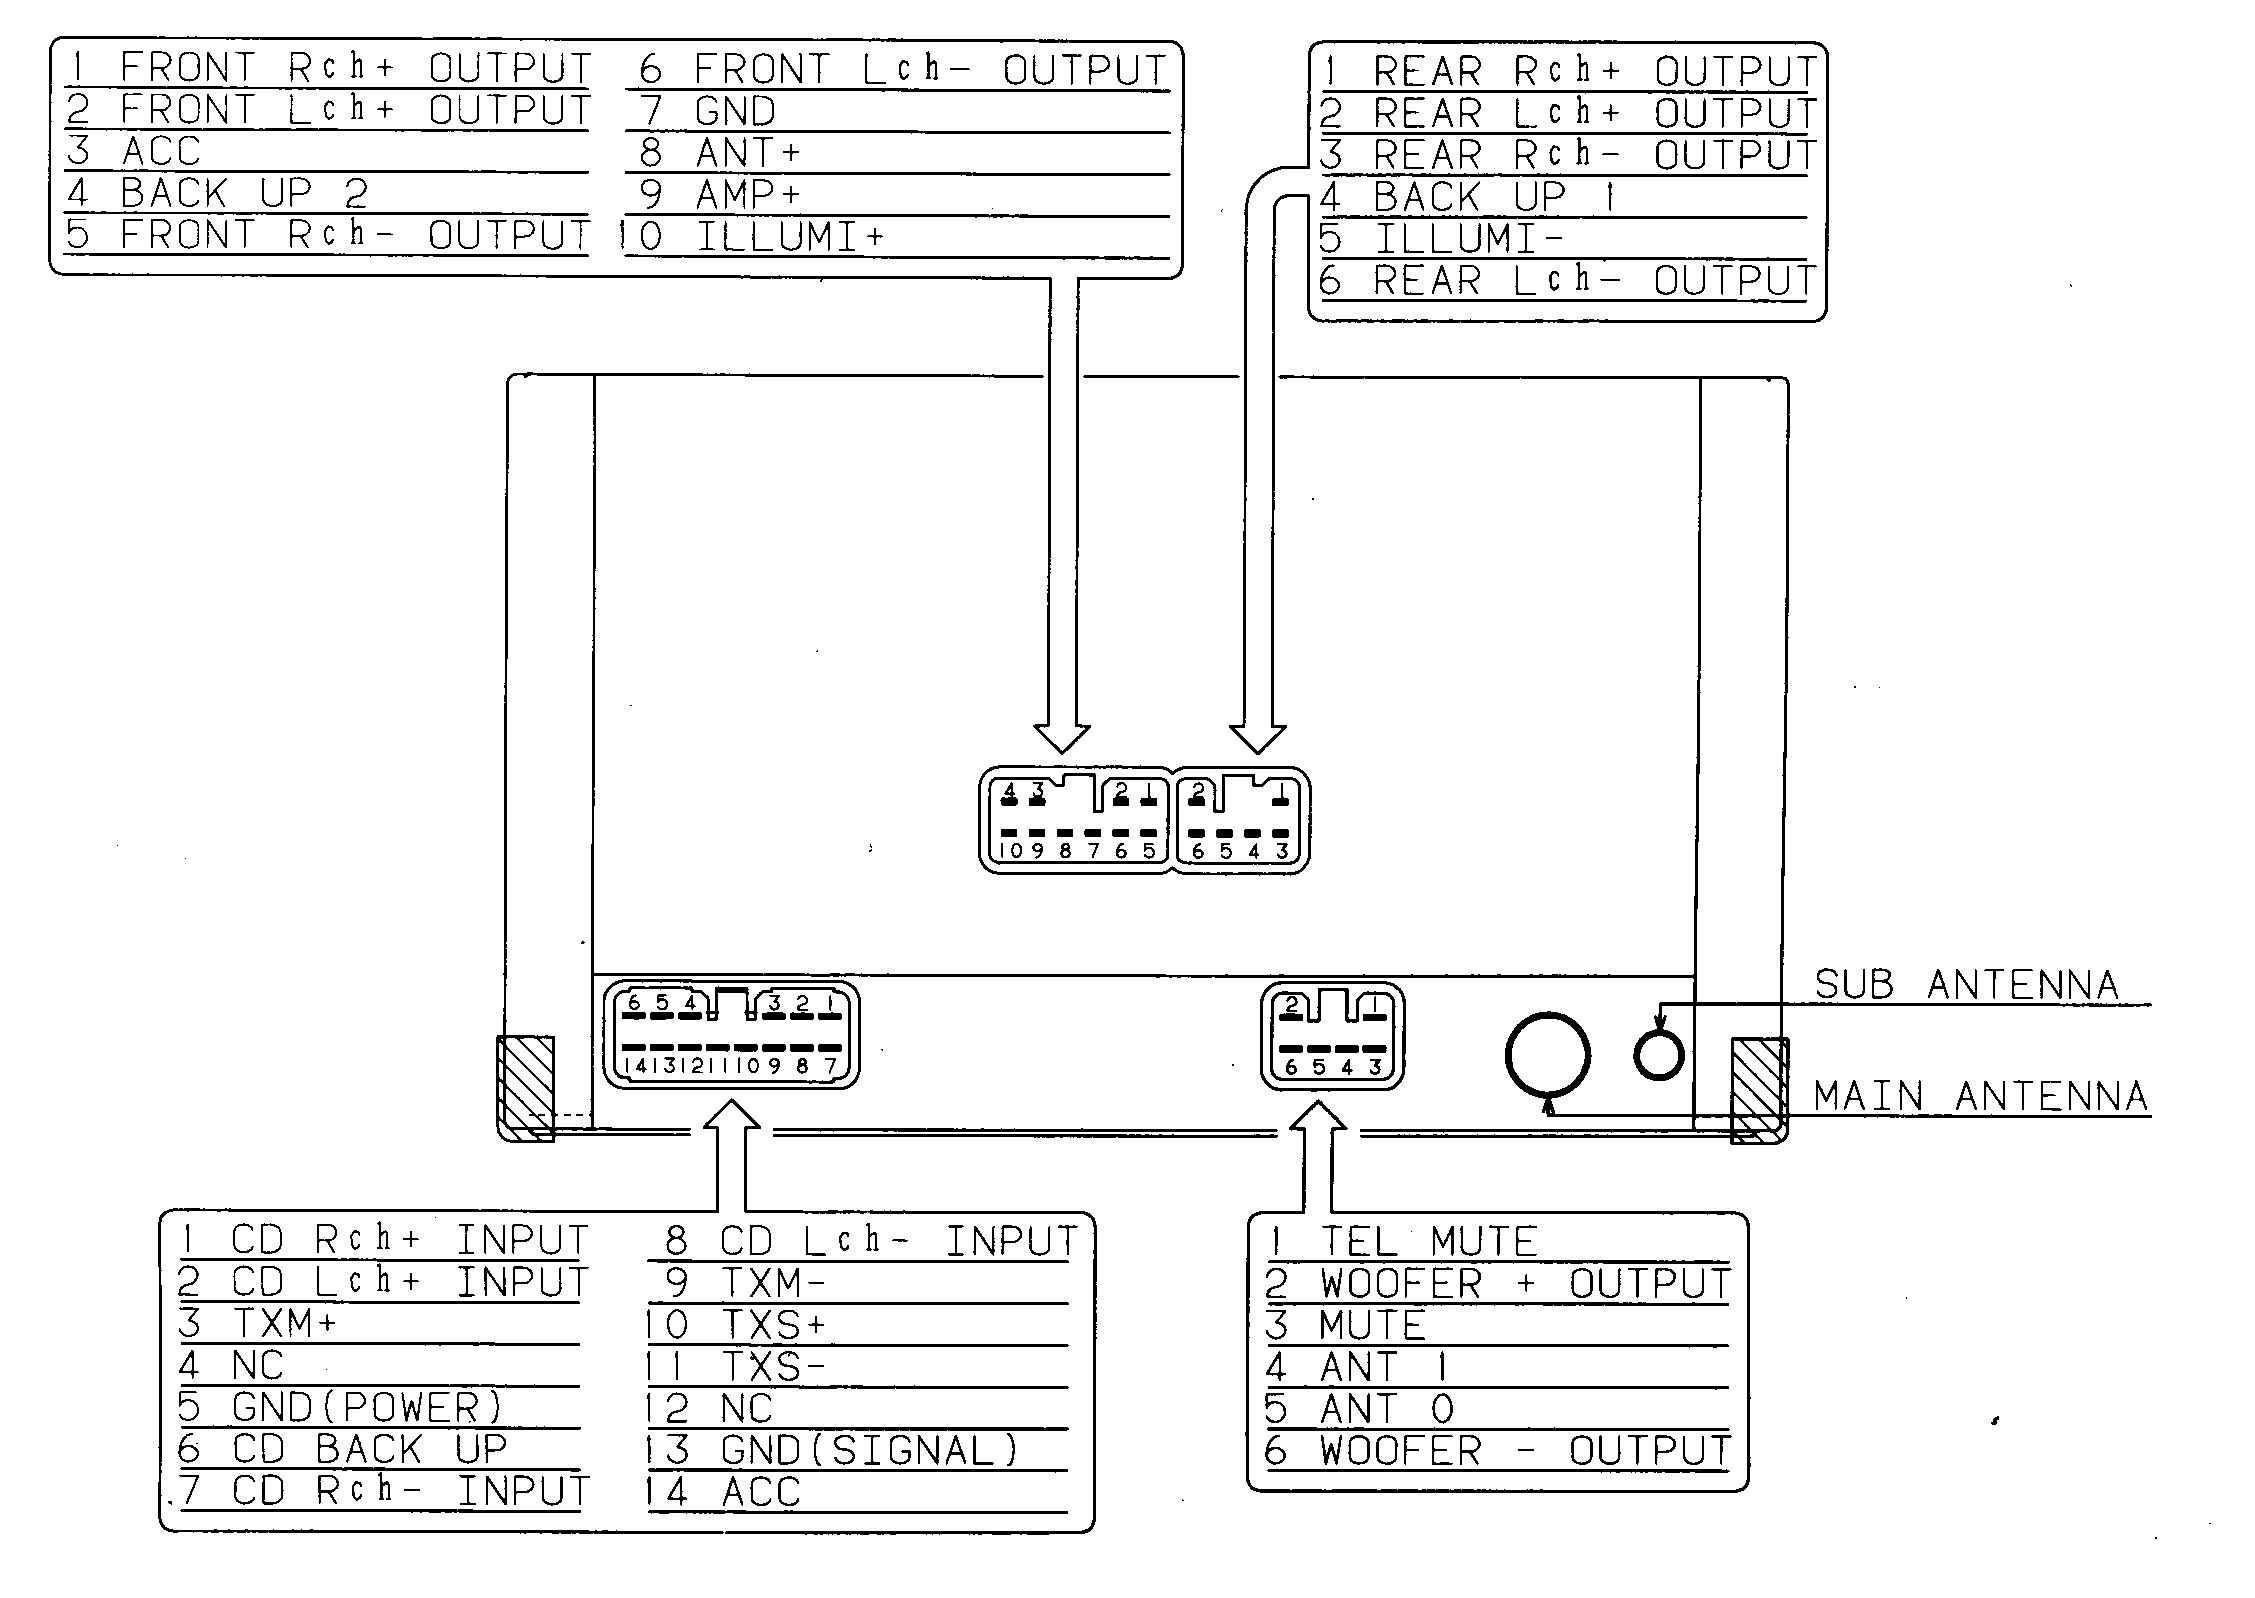 2003 Lexus Es300 Engine Diagram 1997 Lexus Wiring Diagram Data Schematics Wiring Diagram • Of 2003 Lexus Es300 Engine Diagram